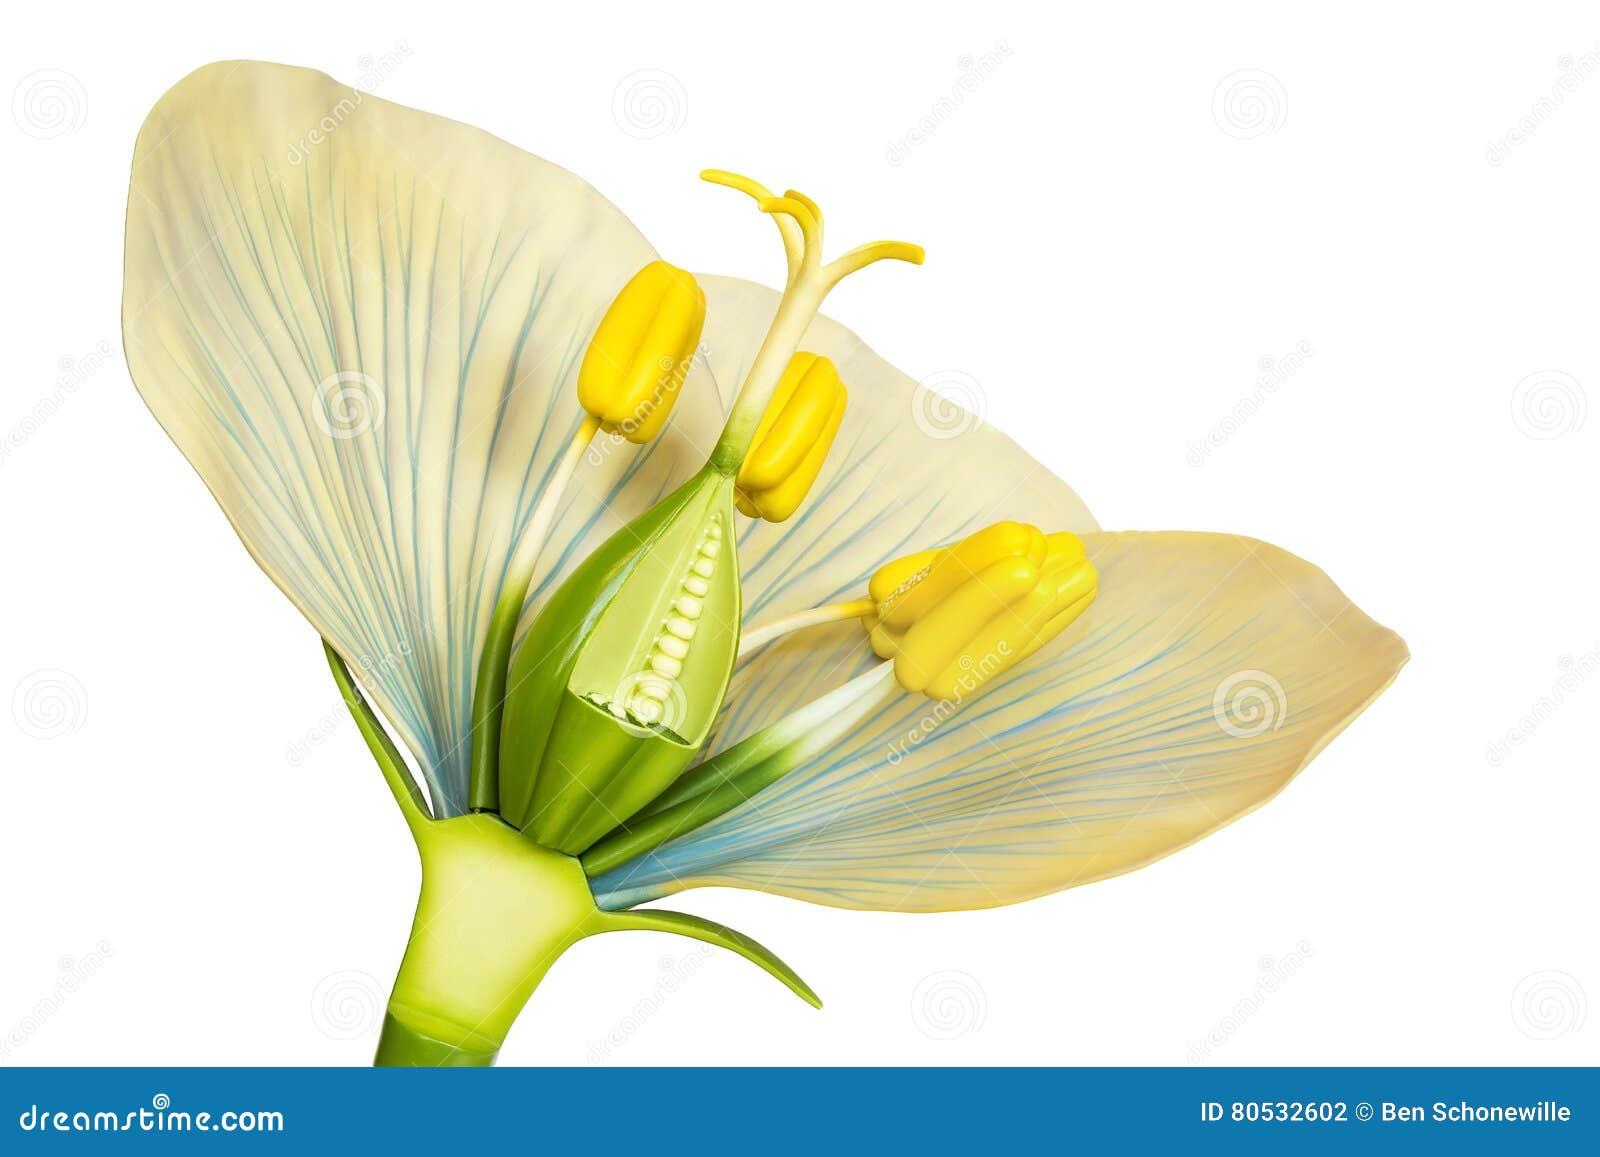 Modello del fiore con gli stami ed i pistilli su bianco - Modello di base del fiore ...